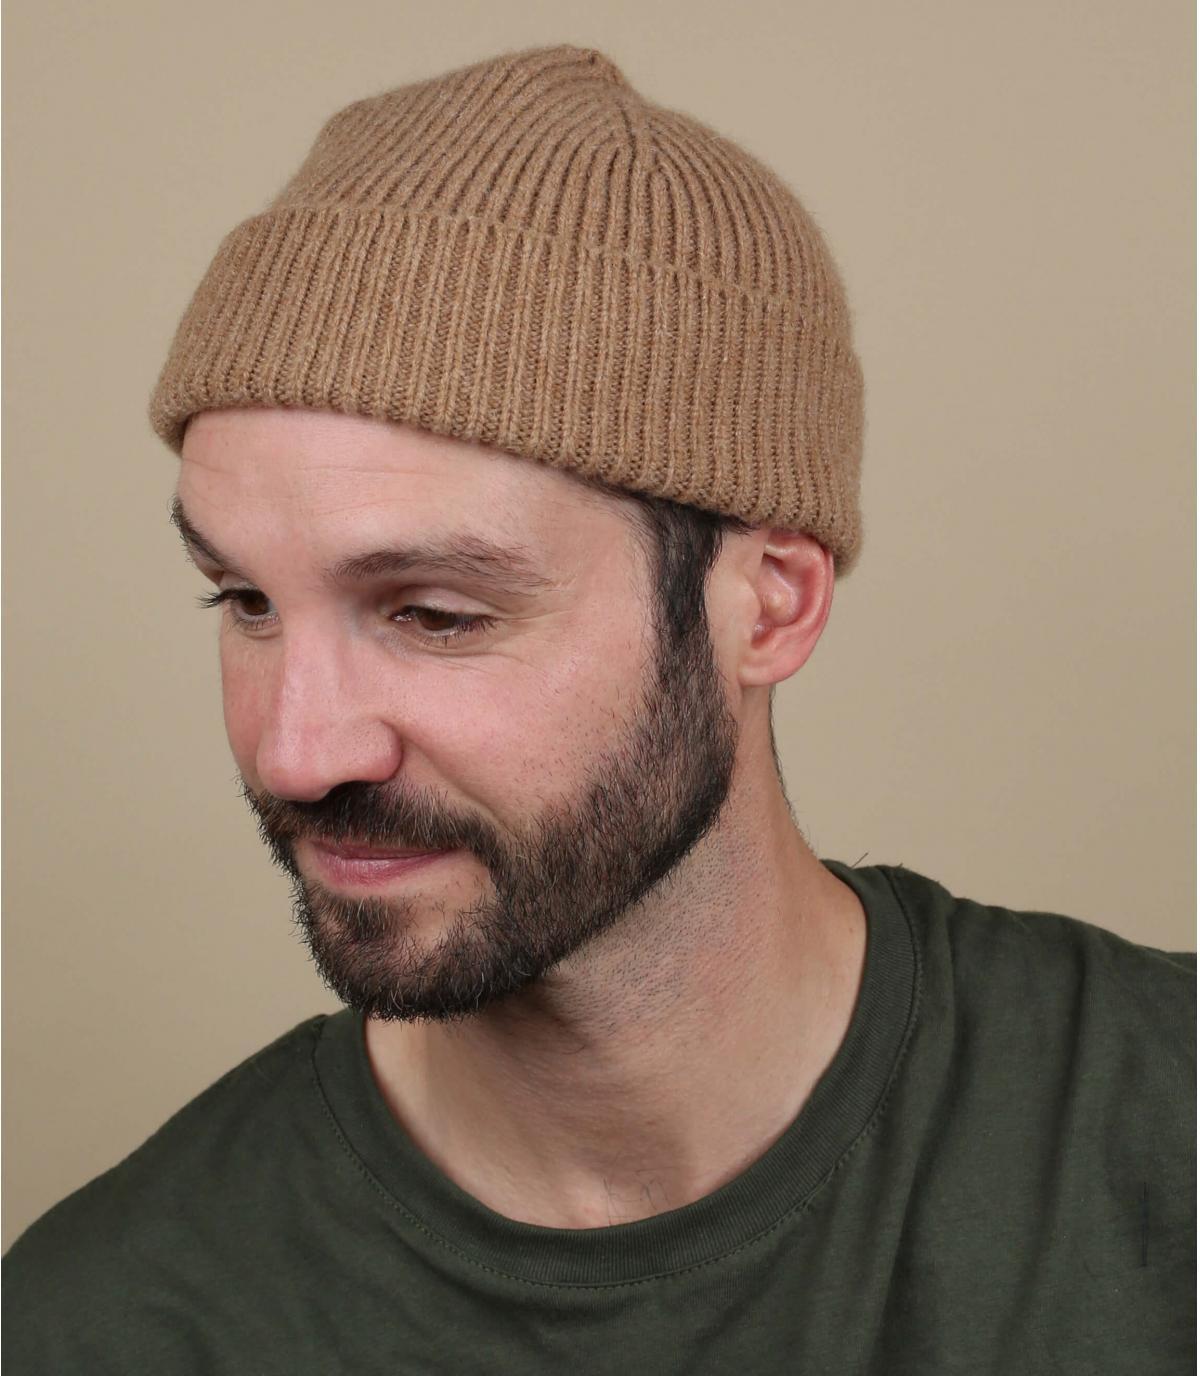 bonnet beige laine revers